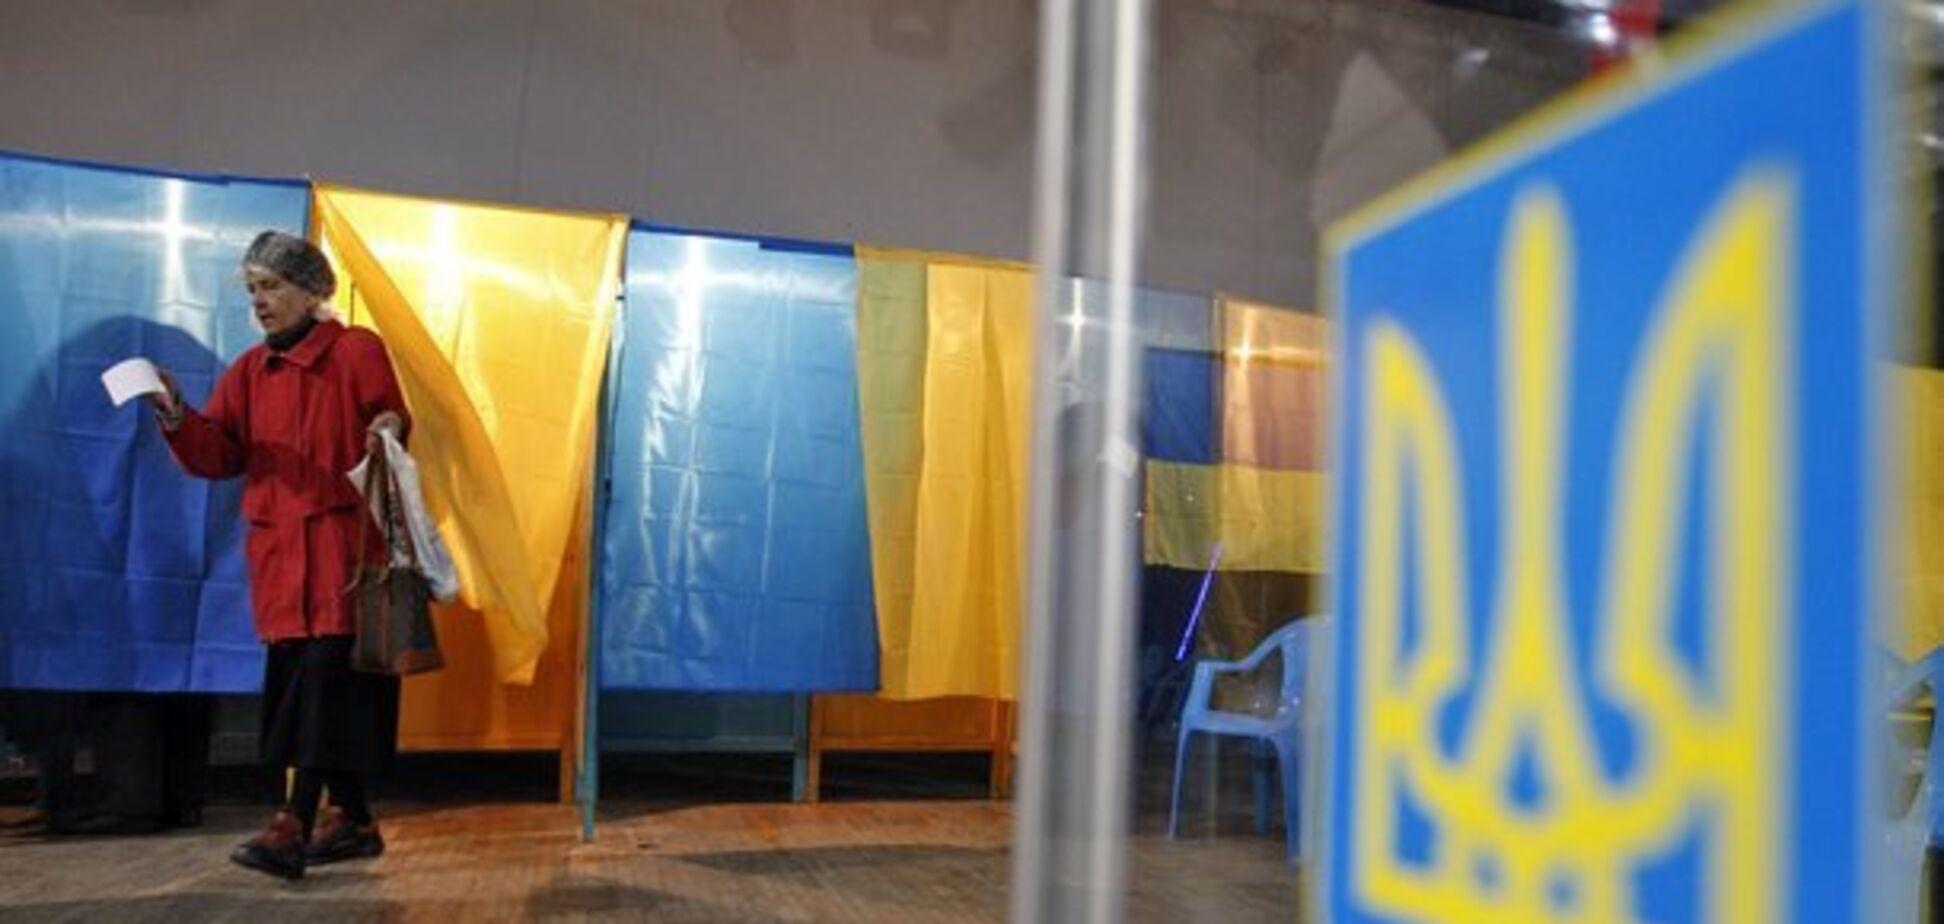 Вибори в Україні: в президентську гонку включилися ще два кандидати